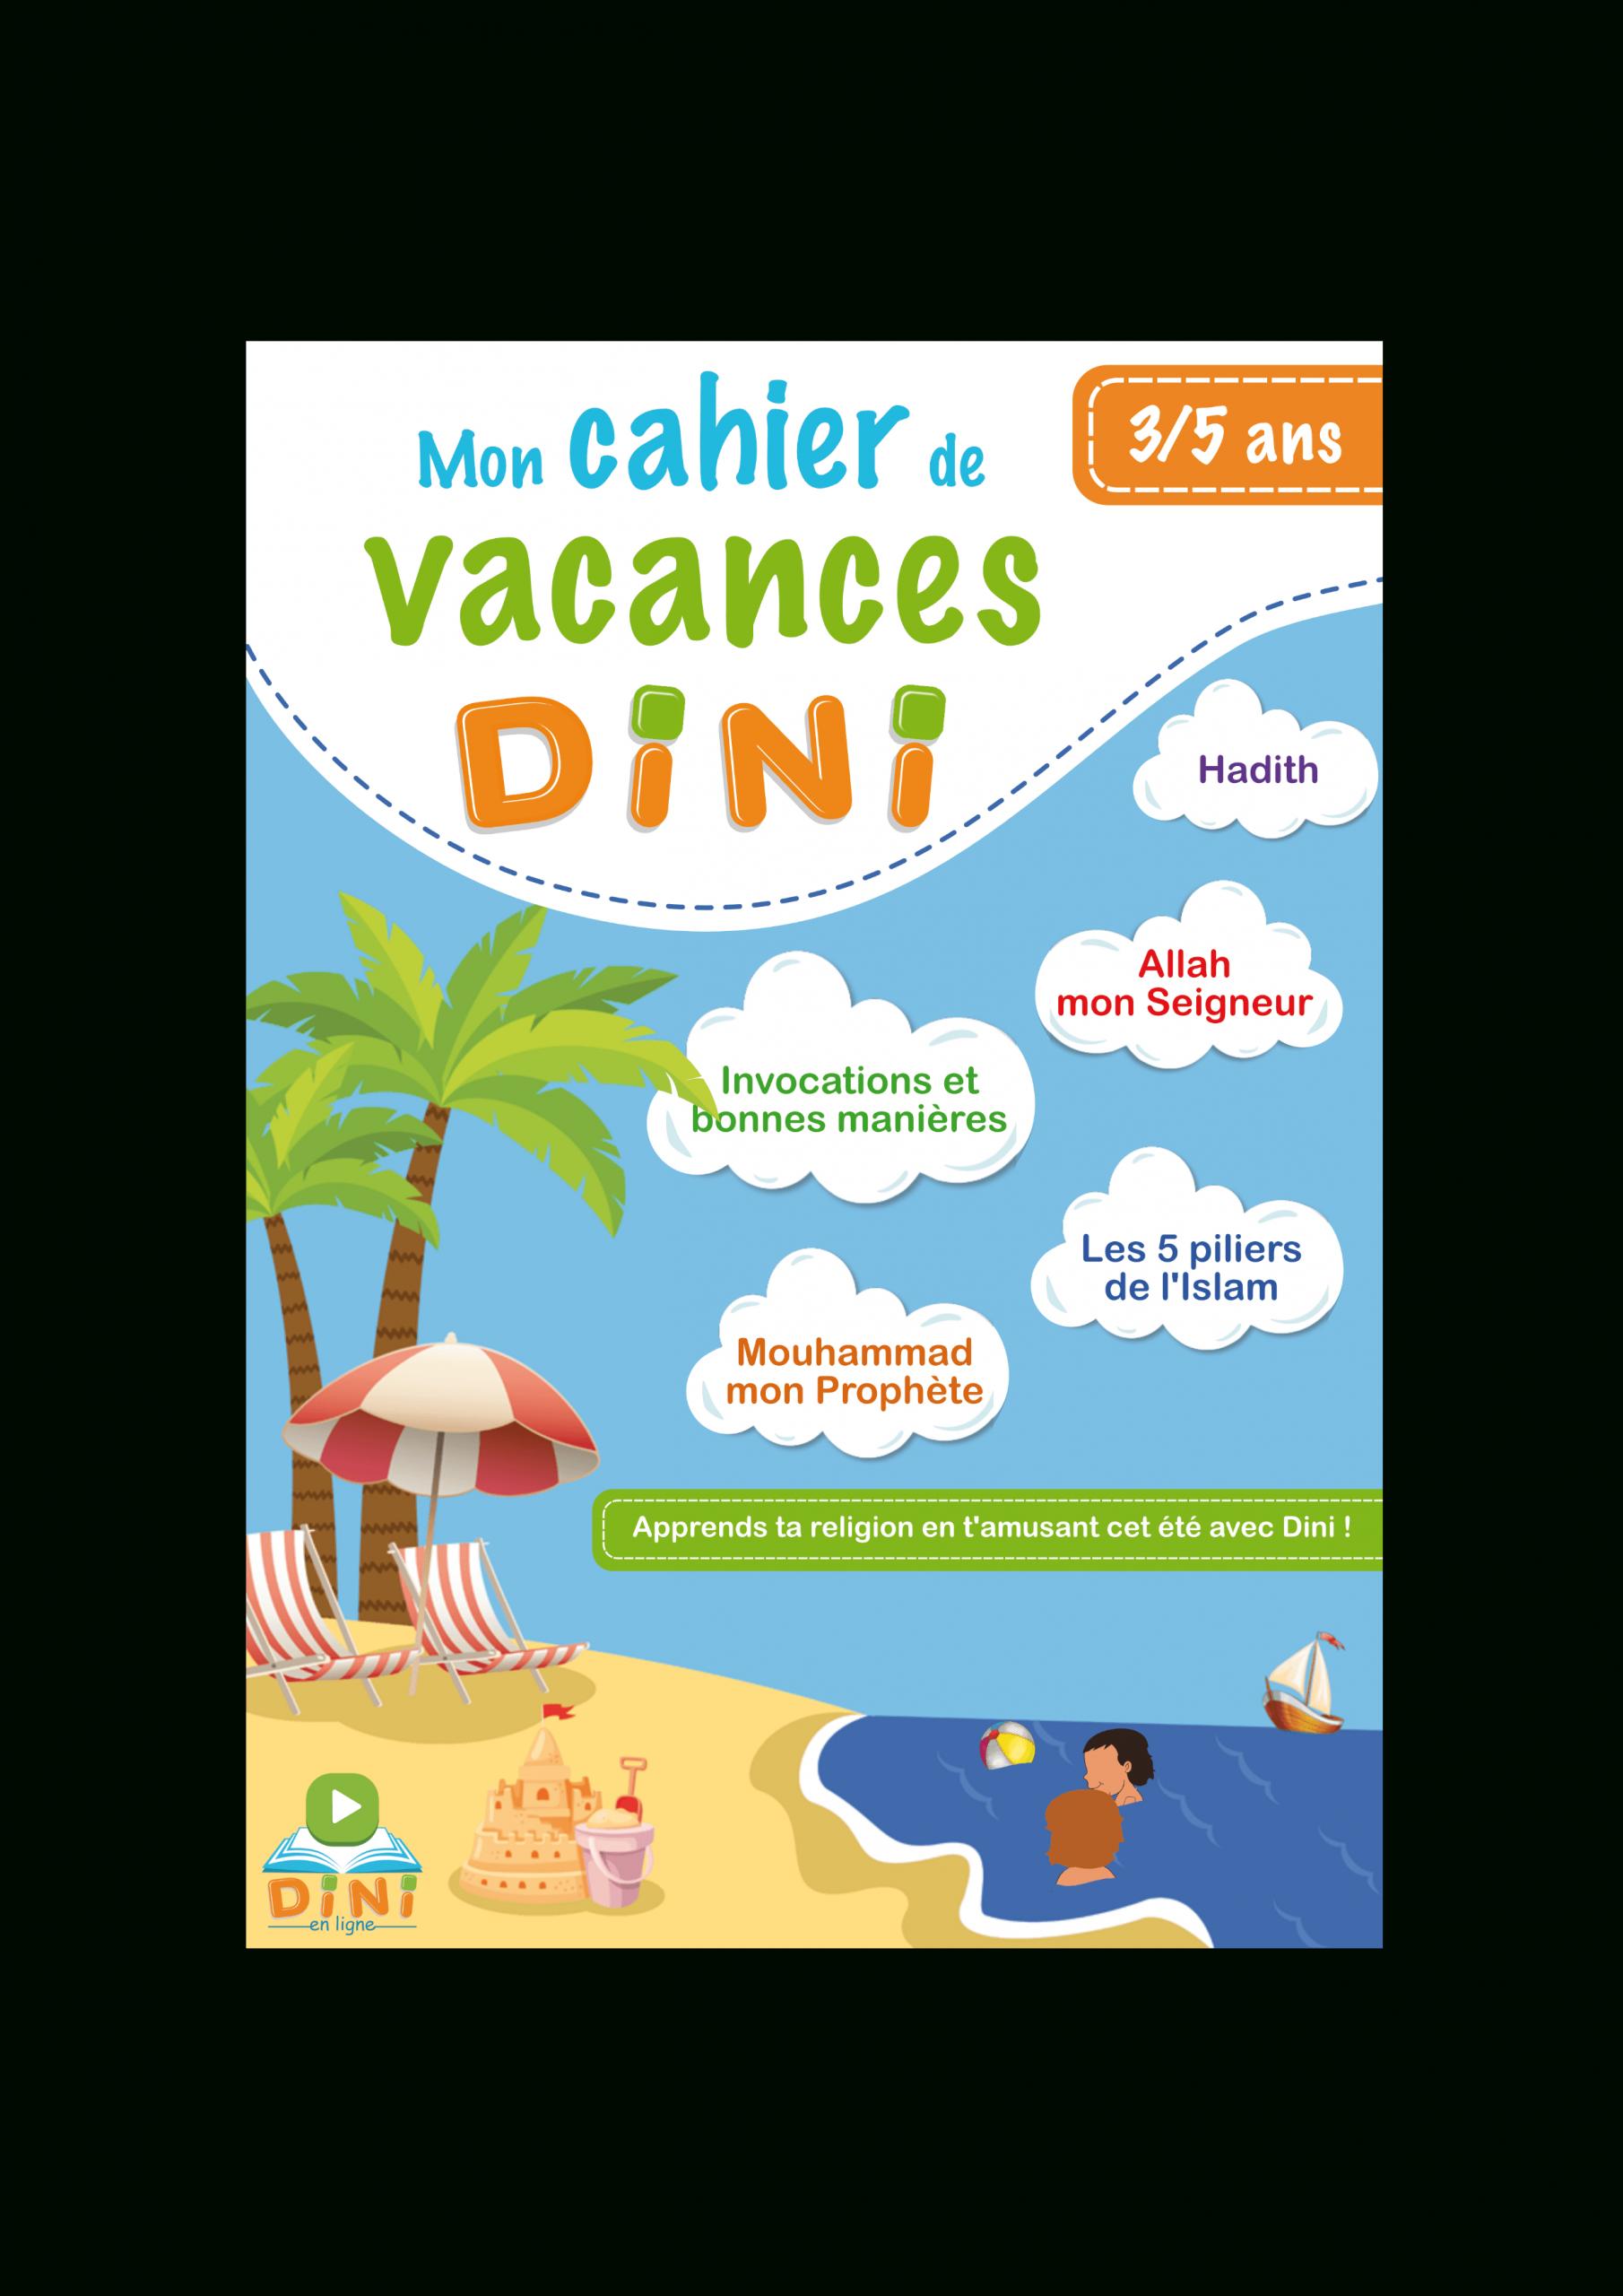 Cahier De Vacances 45 Ans Free Epub | Android Developer destiné Cahier De Vacances En Ligne